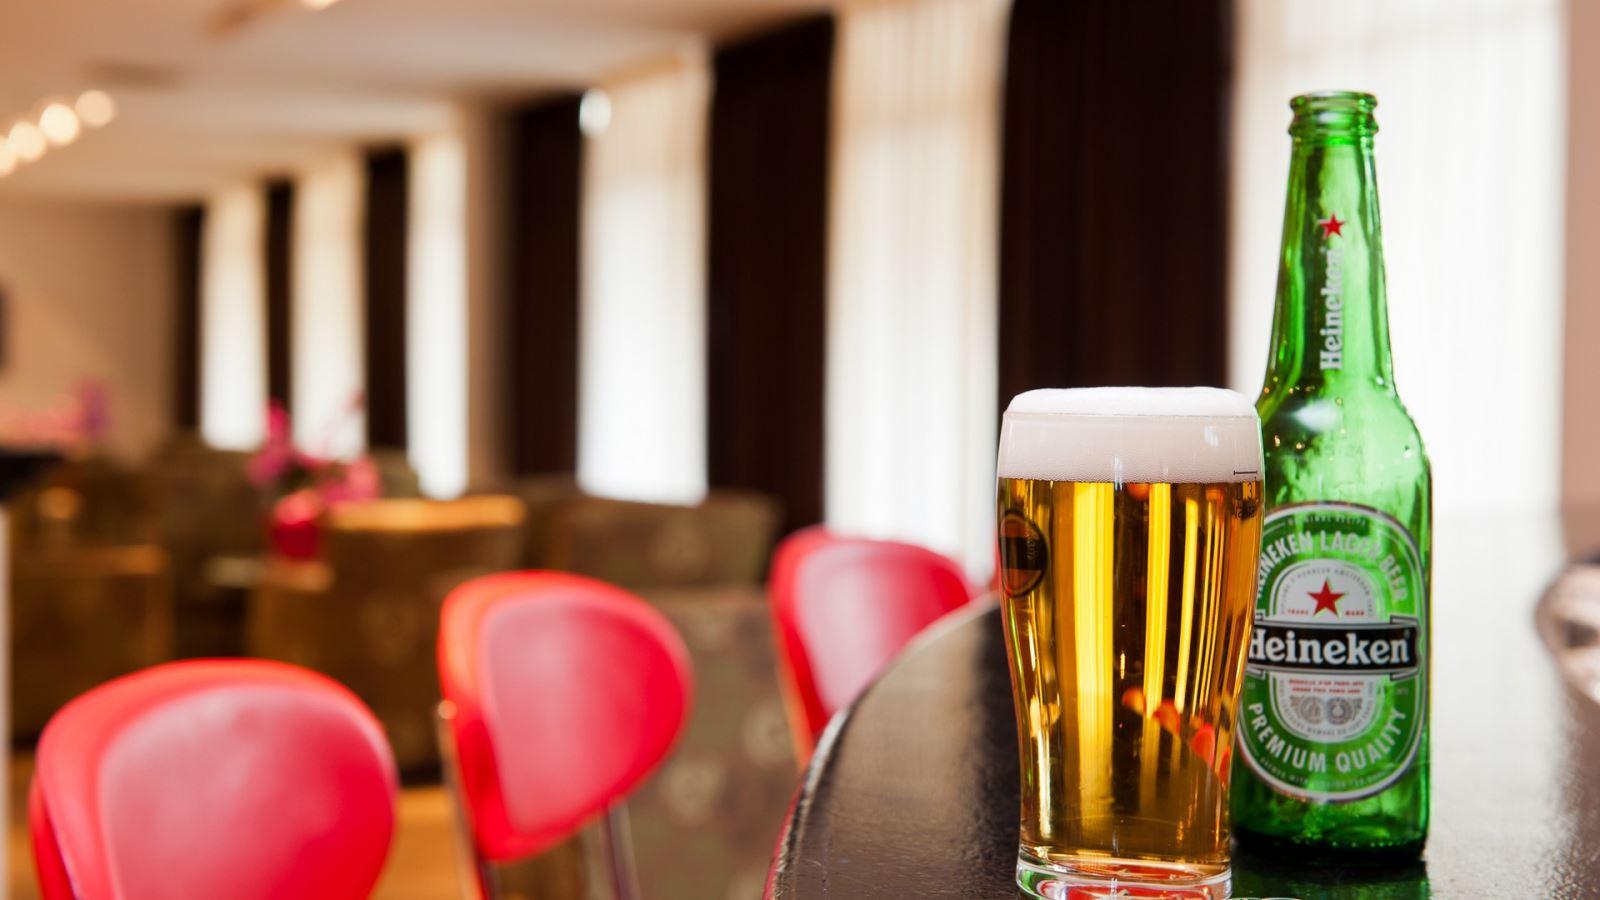 מהרו להזמין חופשה מפנקת בלאונרדו אין ים המלח ב- 50% הנחה!